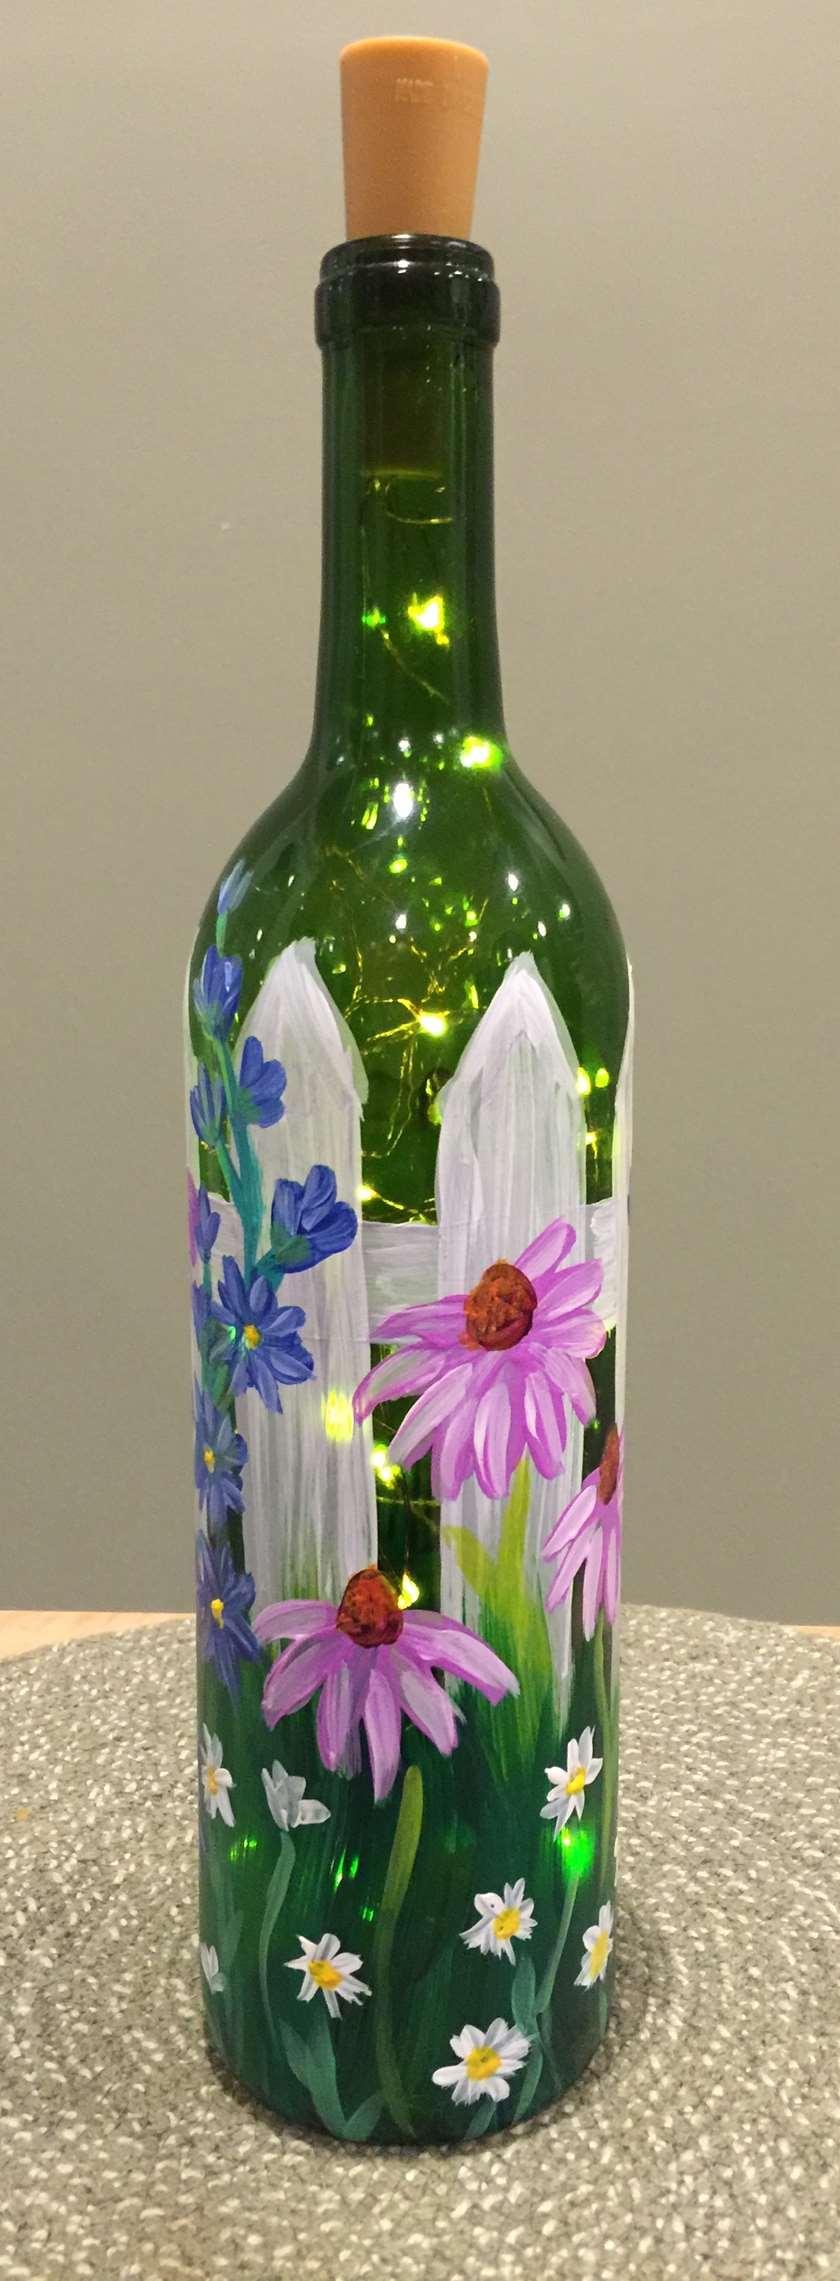 Illuminated Wine Bottle, LED lights included